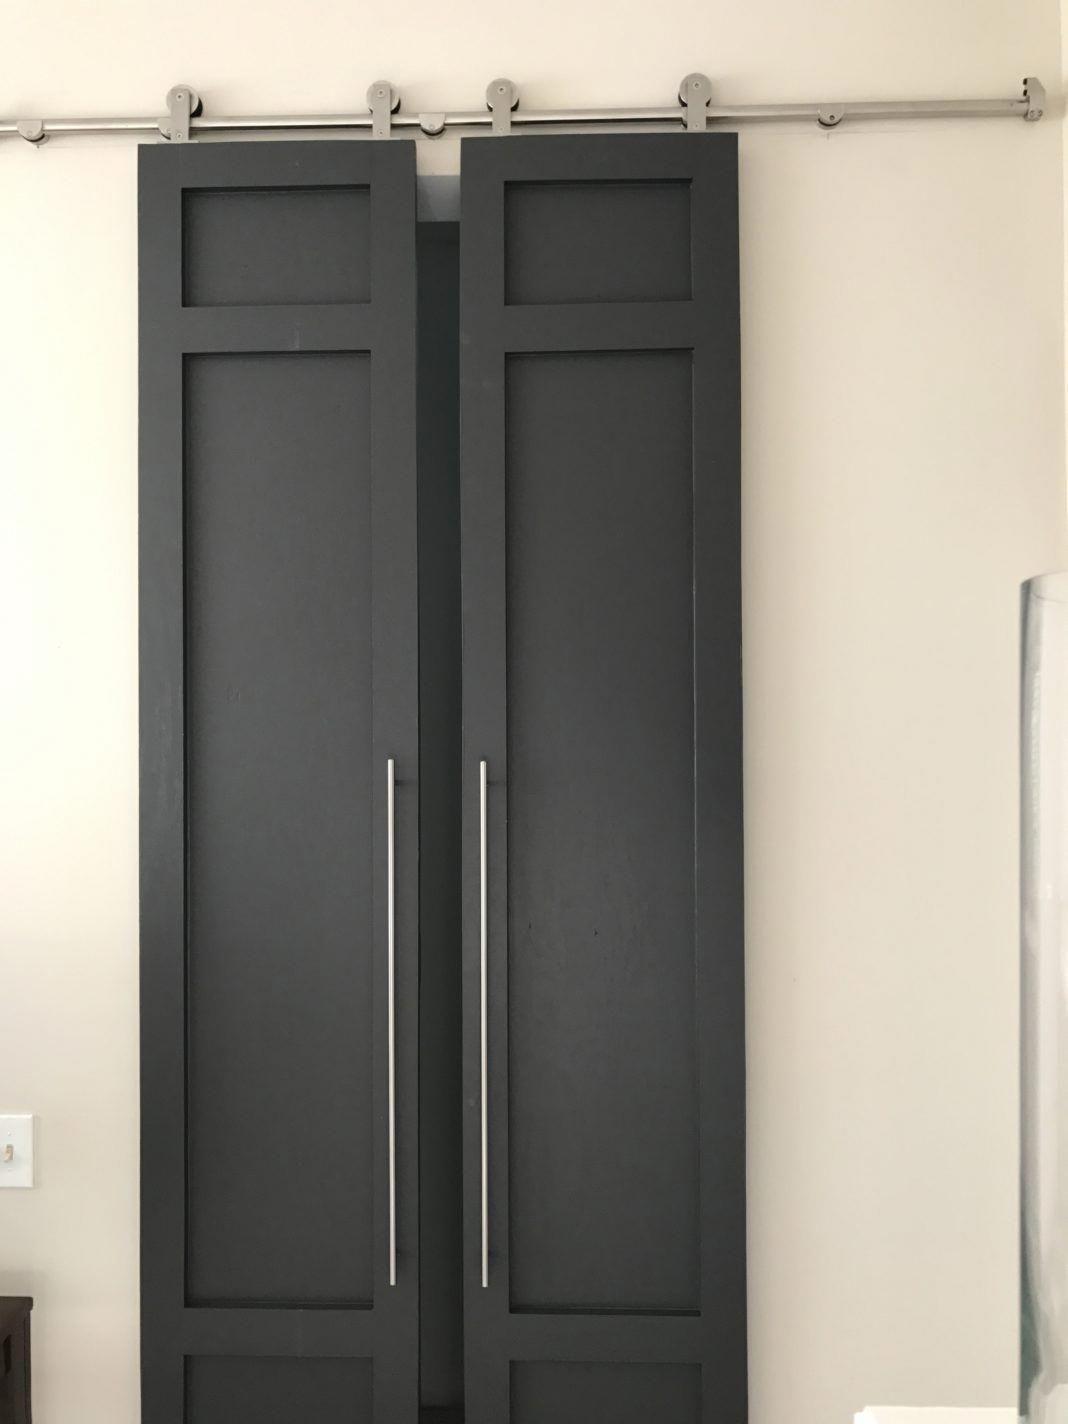 Double Barn Door Hardware Decorative Interior Barn Doors